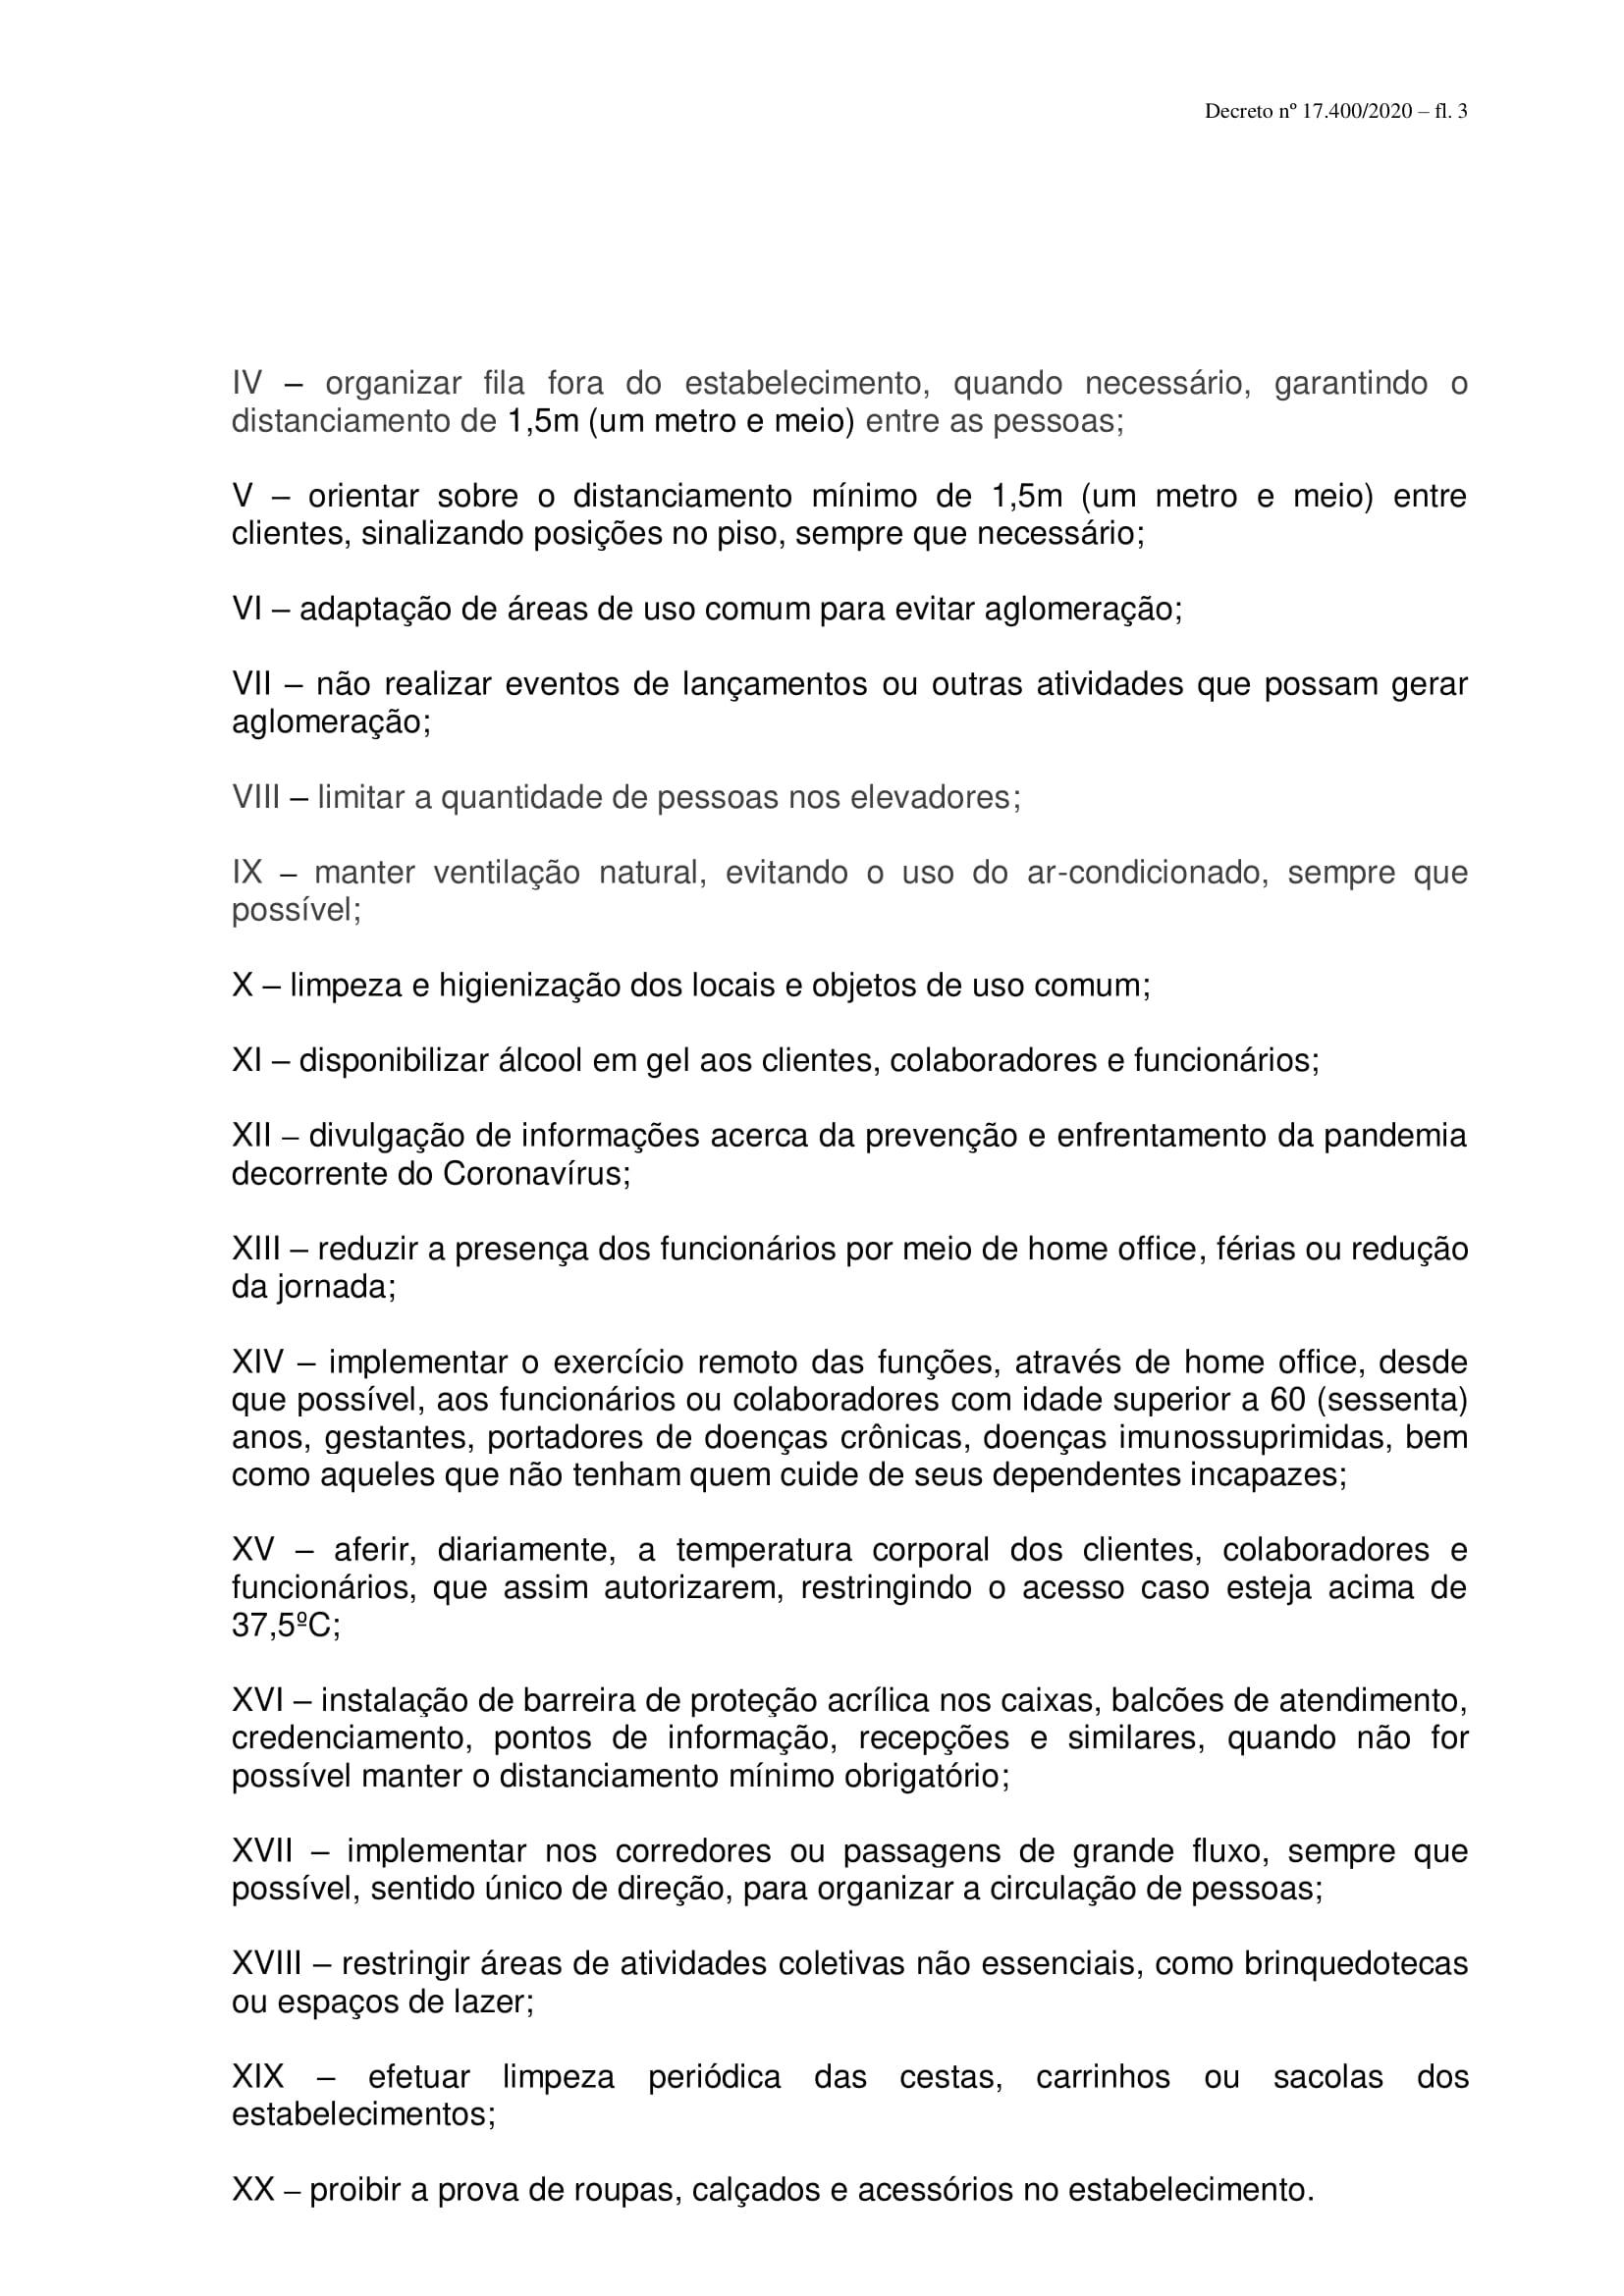 Decreto nº 17.400 (Retomada gradual e consciente da economia)-3